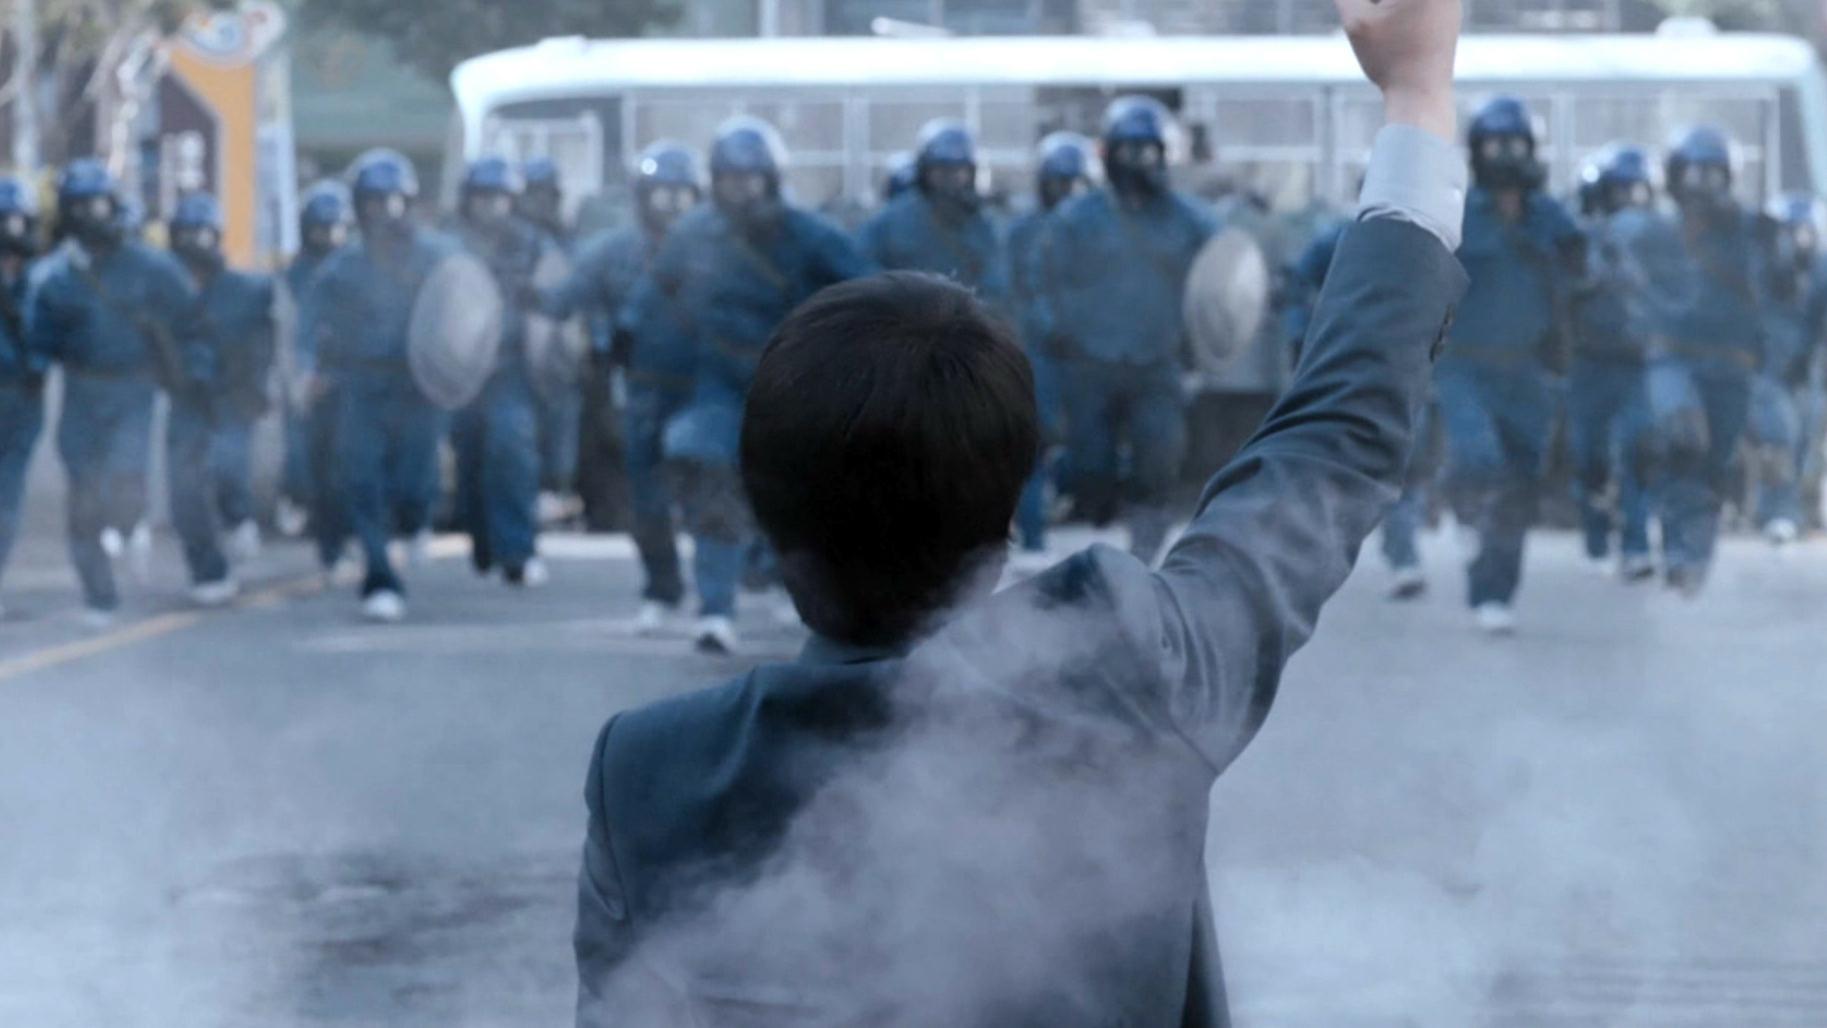 【阿斗】一部只有韩国人敢拍的电影,连霸票房榜首29天,豆瓣9.2分